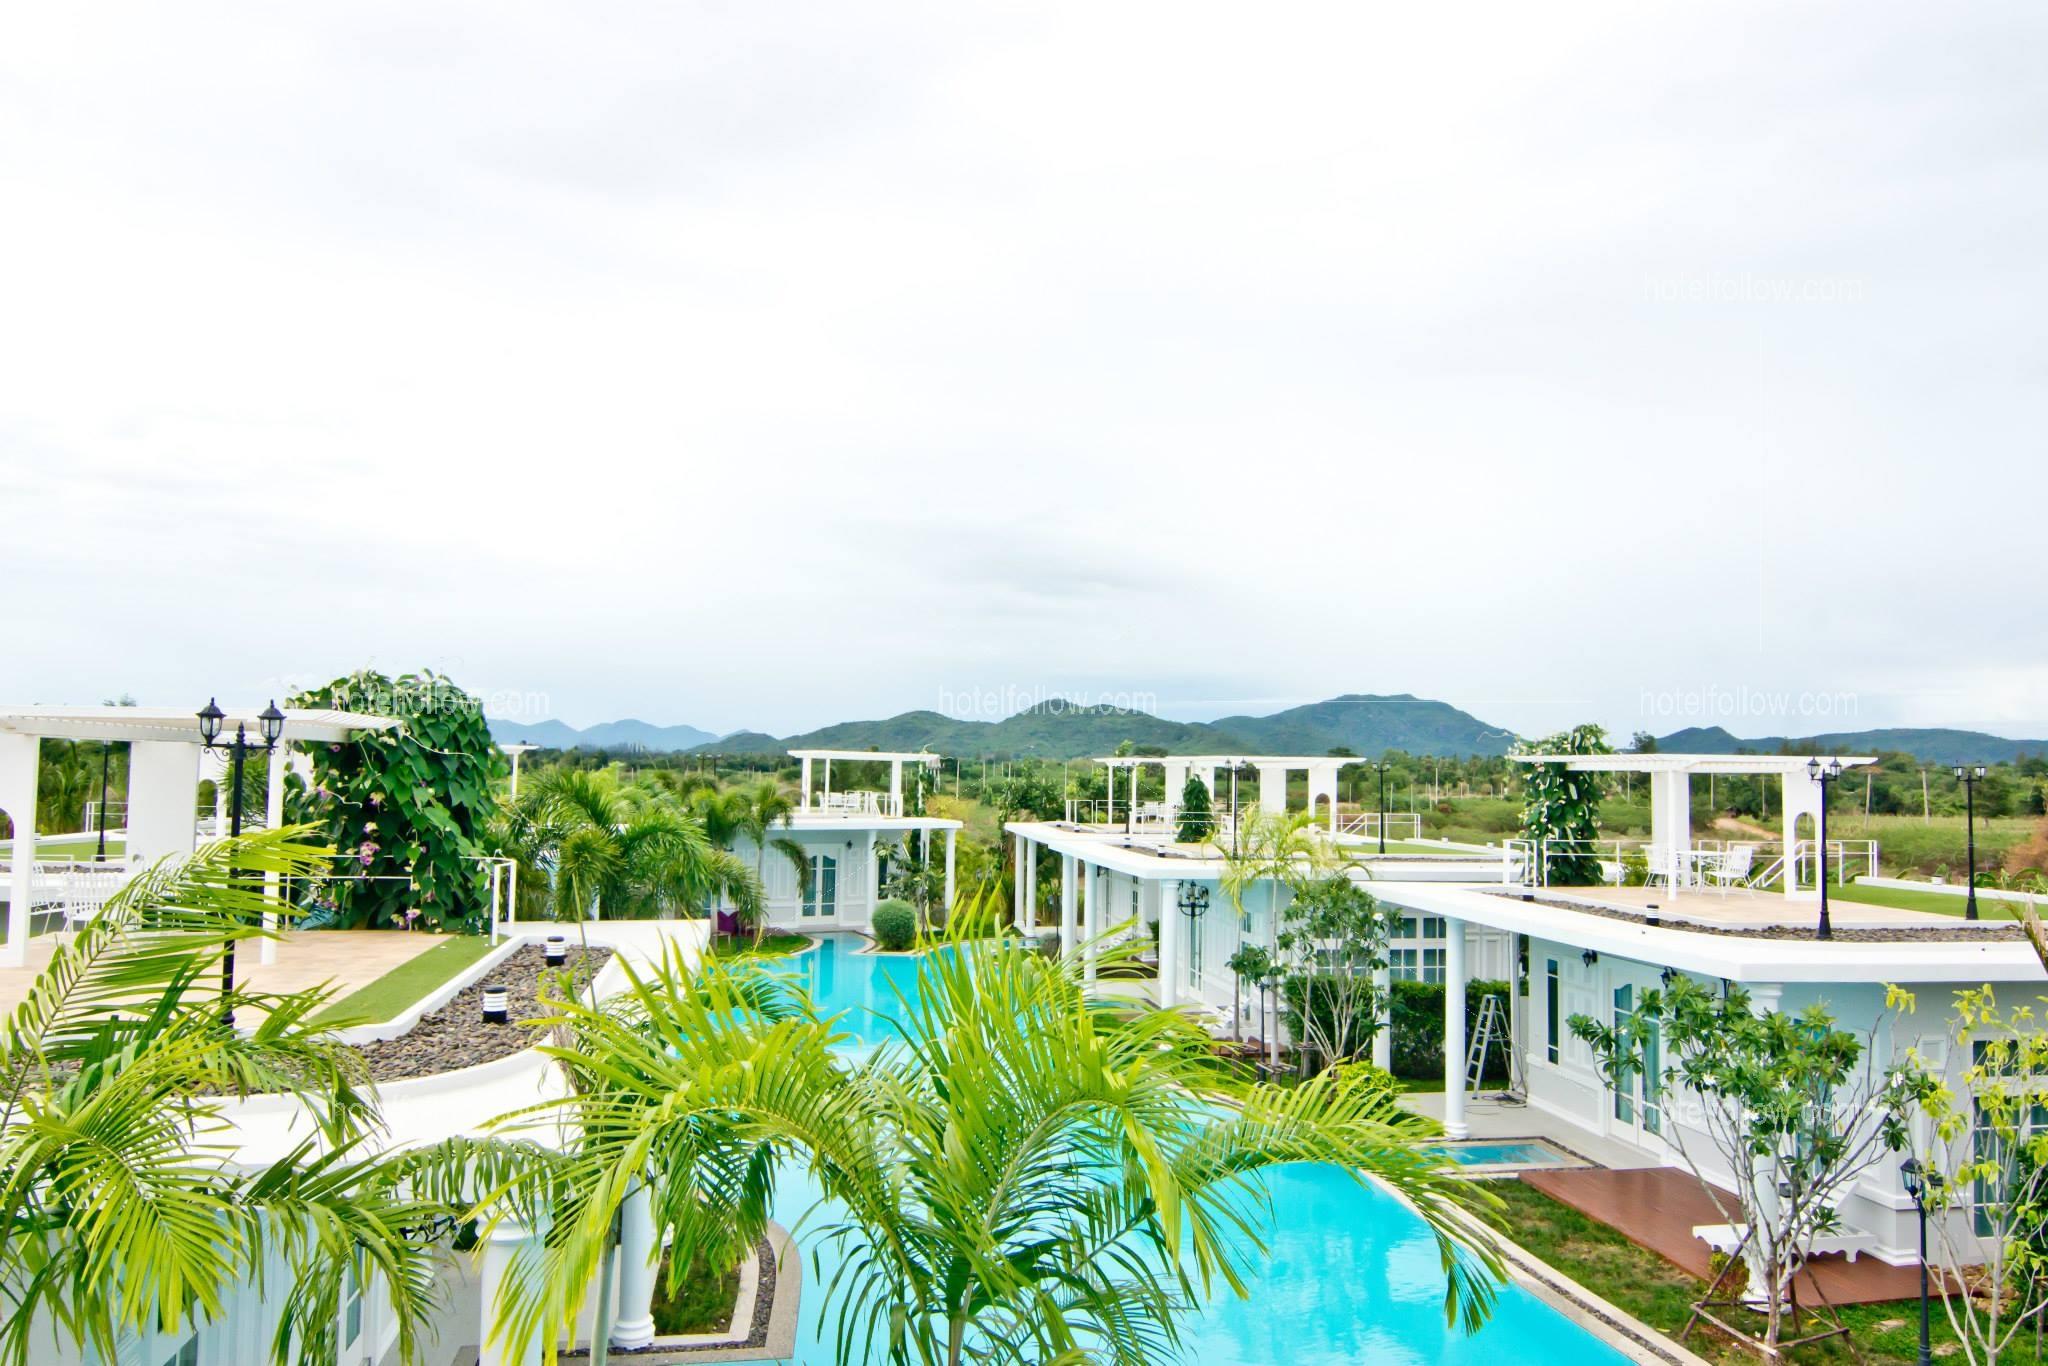 รูปของโรงแรม โรงแรม เดอะ ซีเคร็ต การ์เด้น หัวหิน ( สระน้ำติดบ้านทุกหลัง ปิ้งย่างได้ )